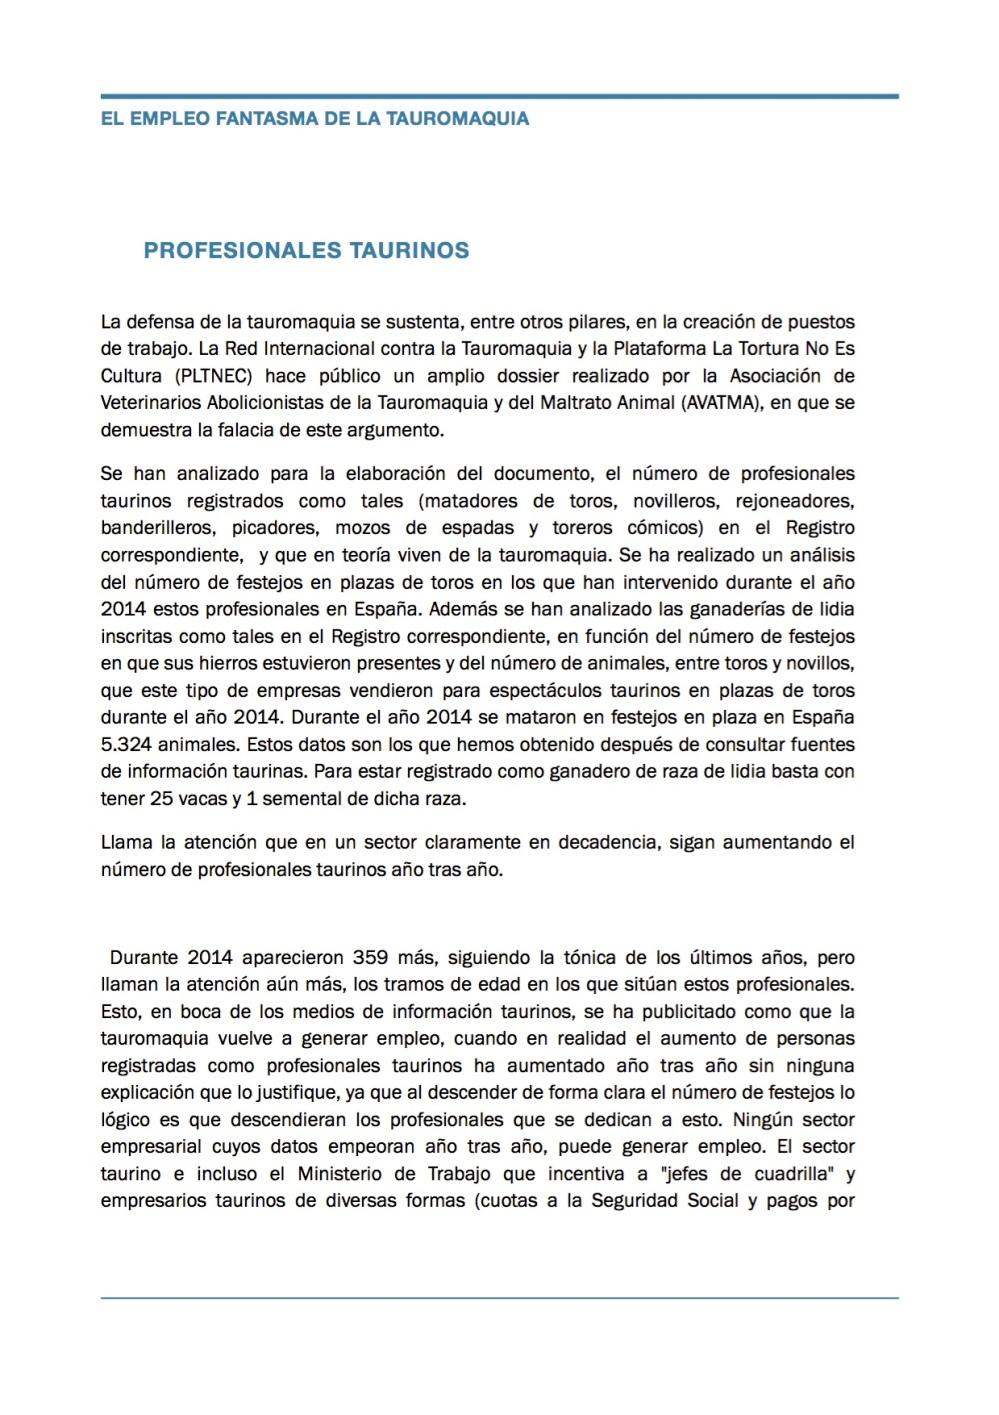 dossierempleoytauromaquia-2